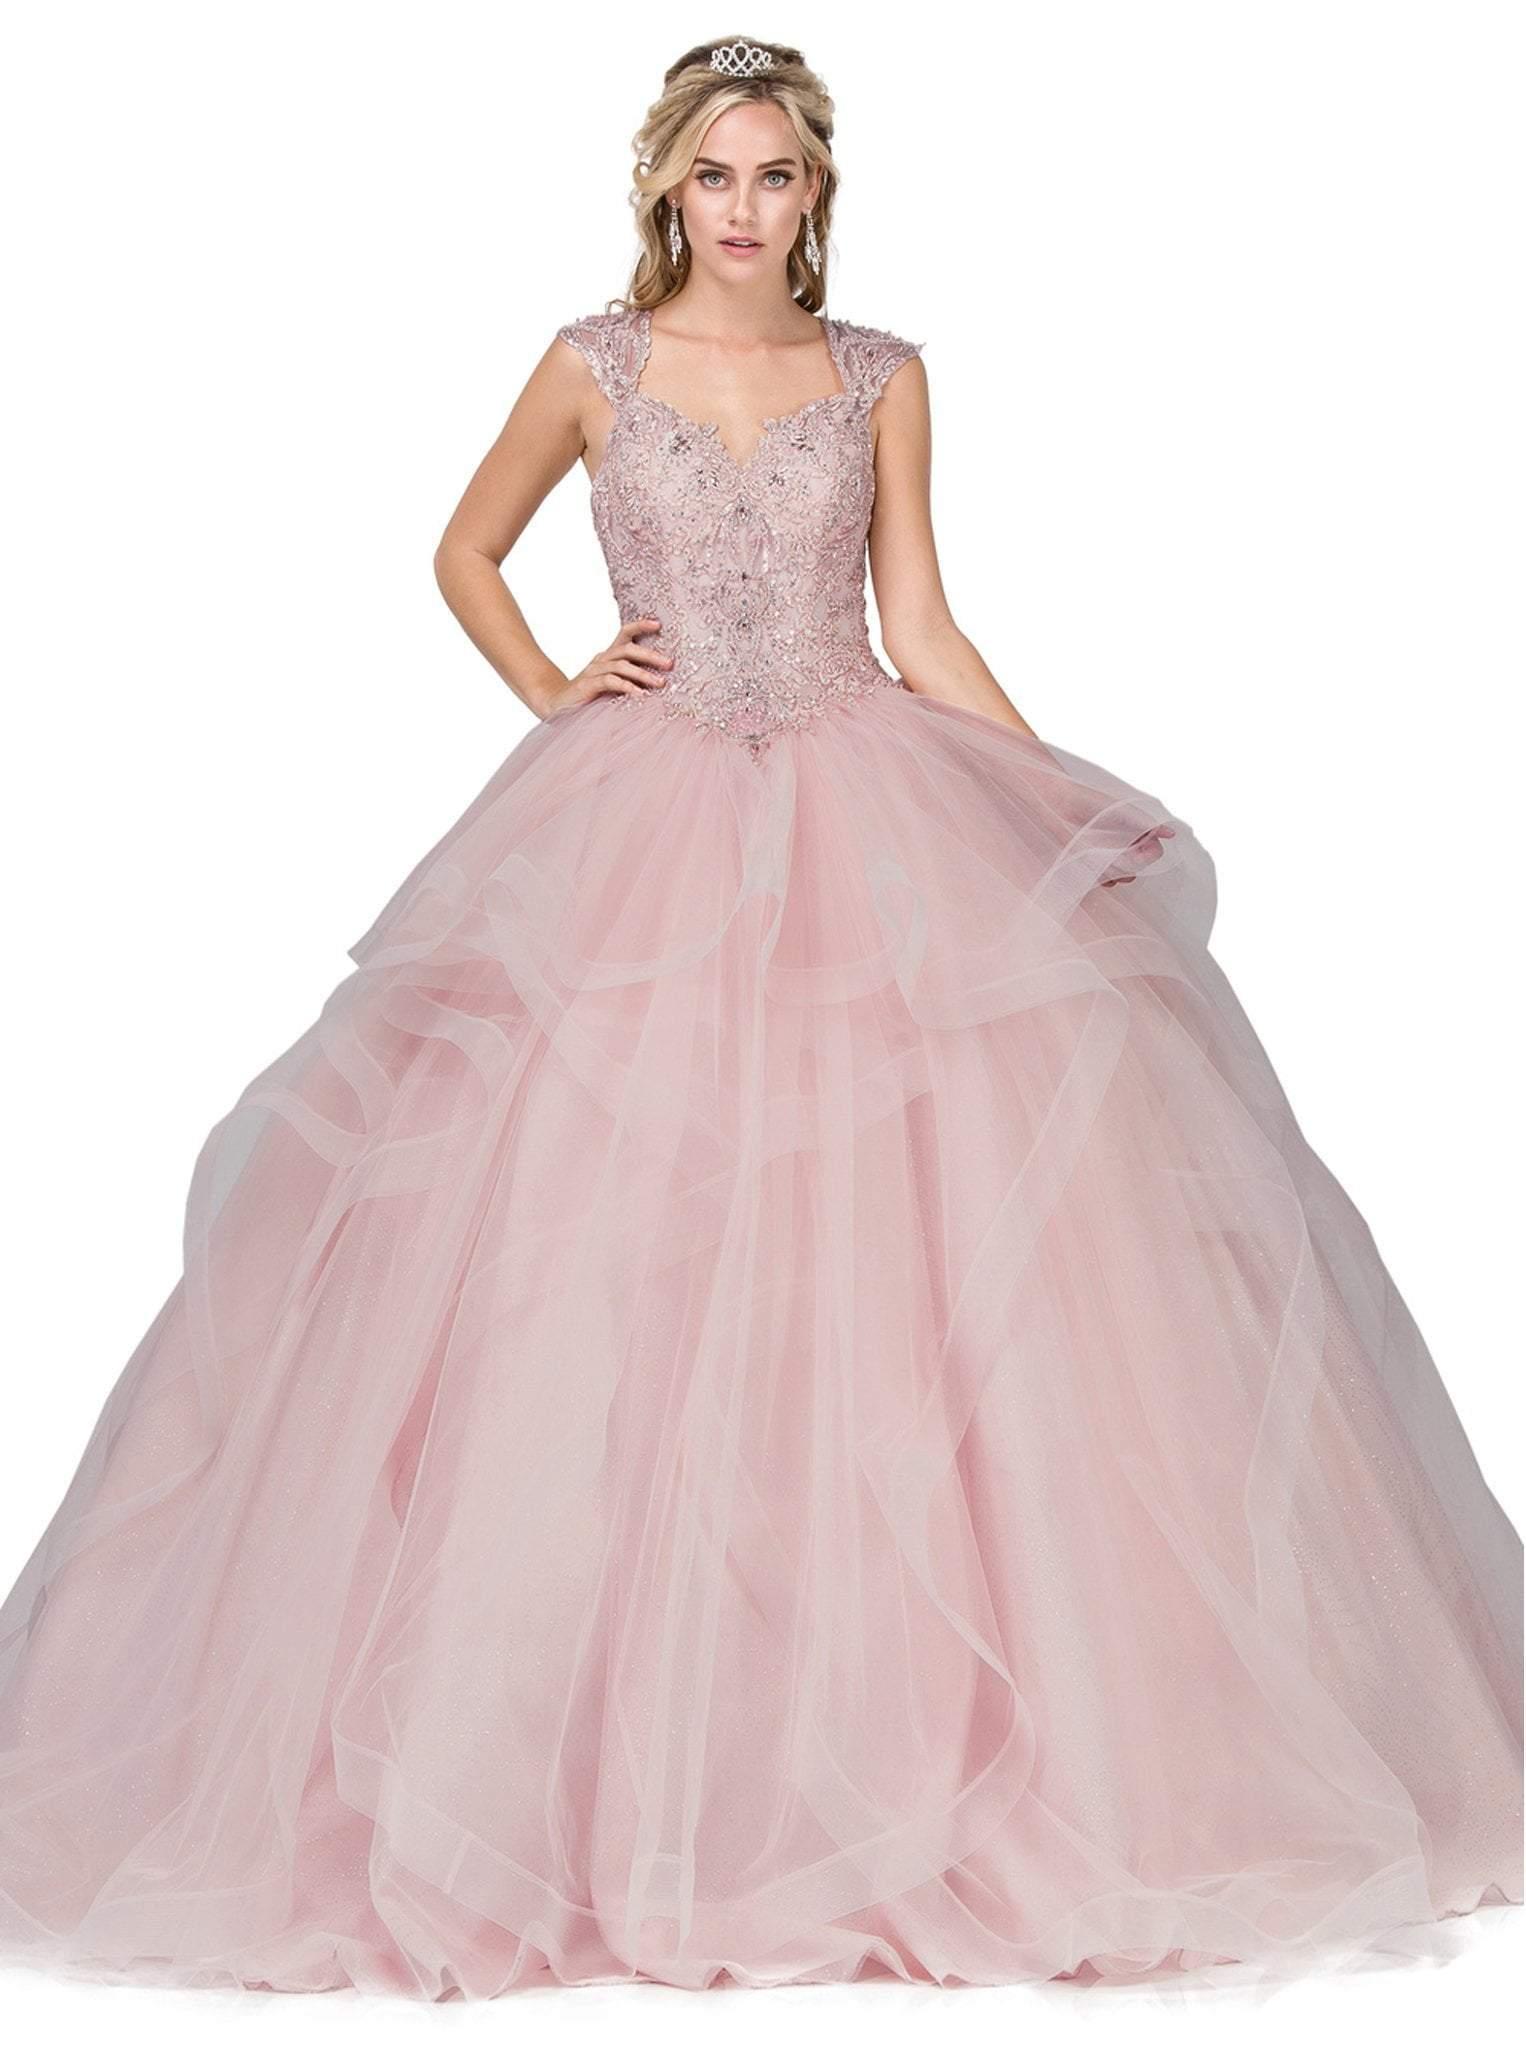 Dancing Queen - 1278 Sweetheart Cap Sleeves Ruffled Quinceanera Gown